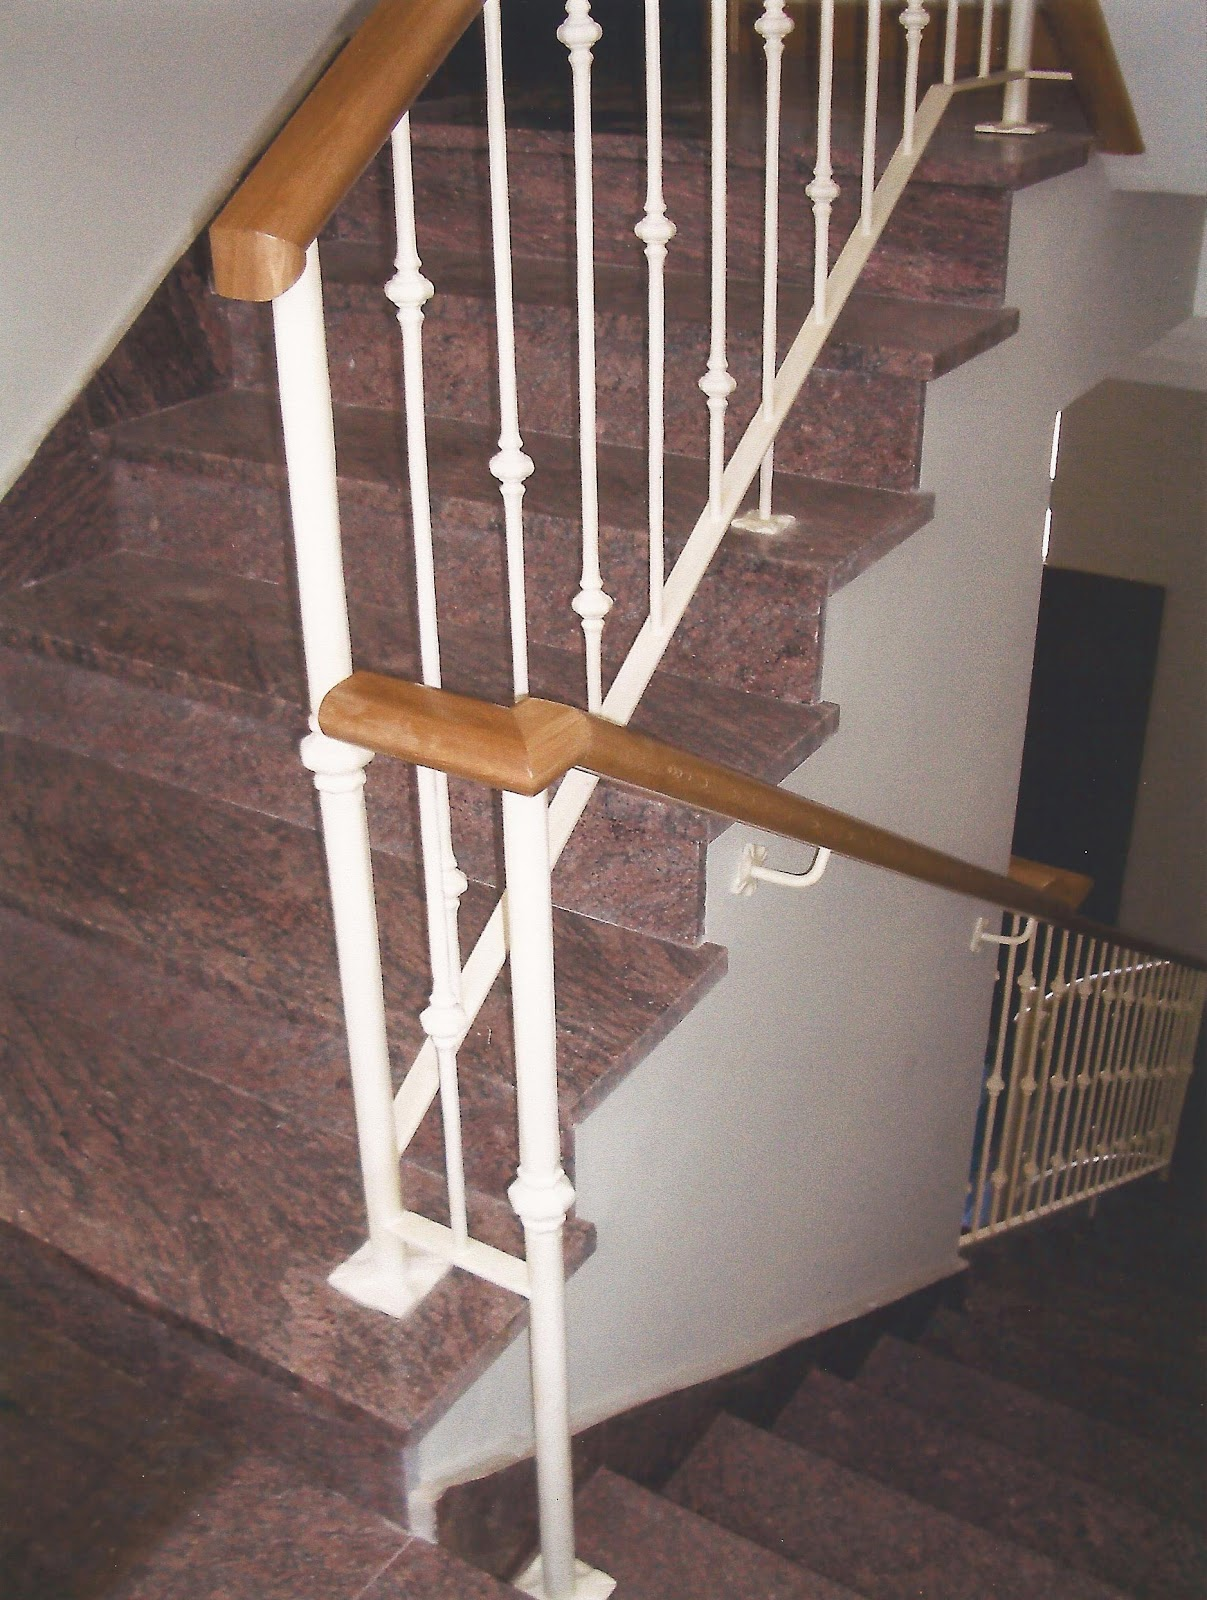 Talleres gra a s l pasamanos de hierro a coru a for Como construir una escalera de hierro y madera